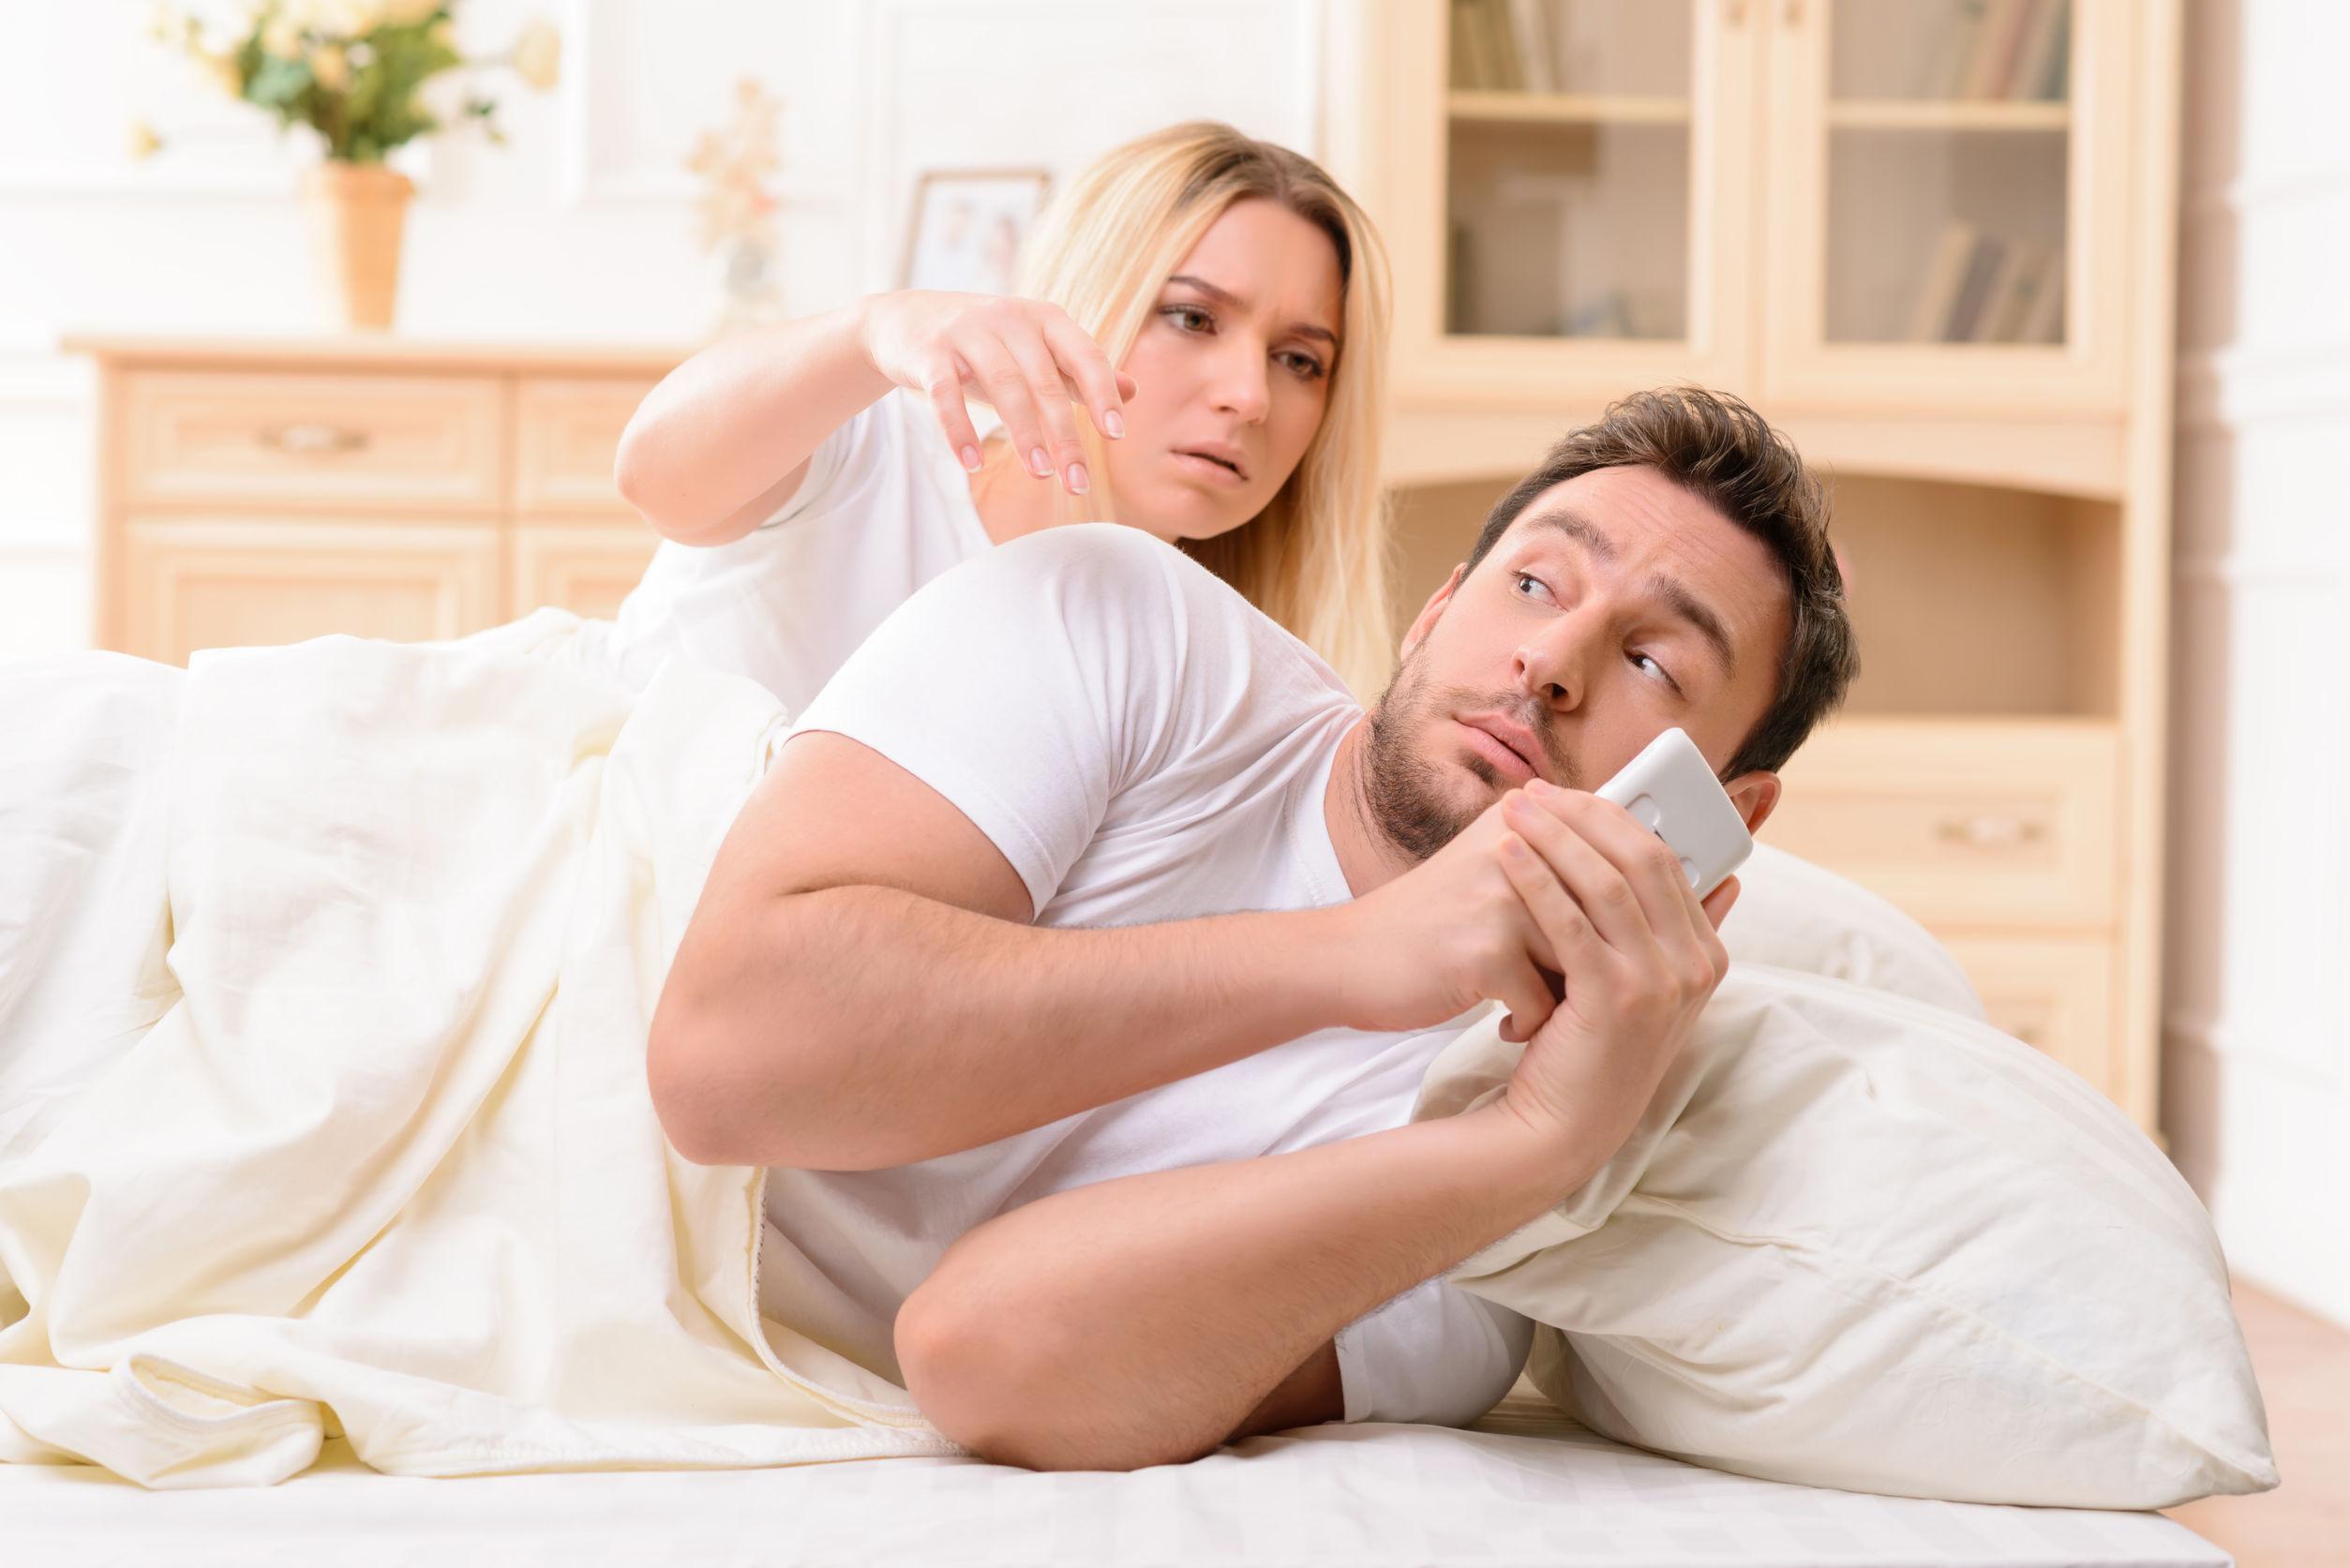 Видео о измене супругов думала